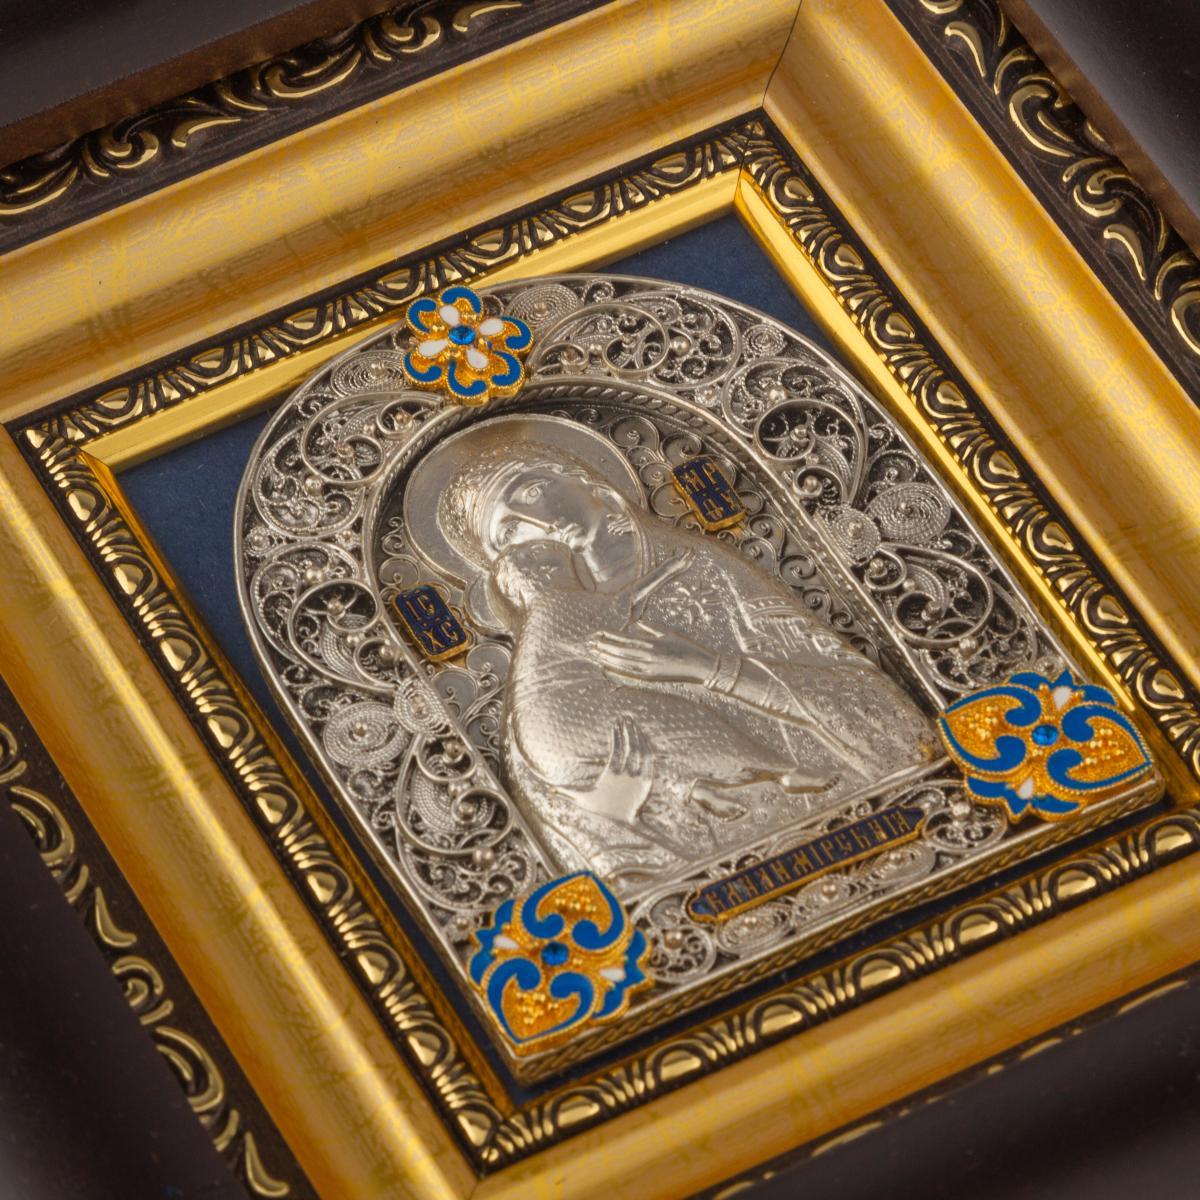 Ікона Пресвятої Богородиці Володимирська, КУ. Фото №3. | Народний дім Україна